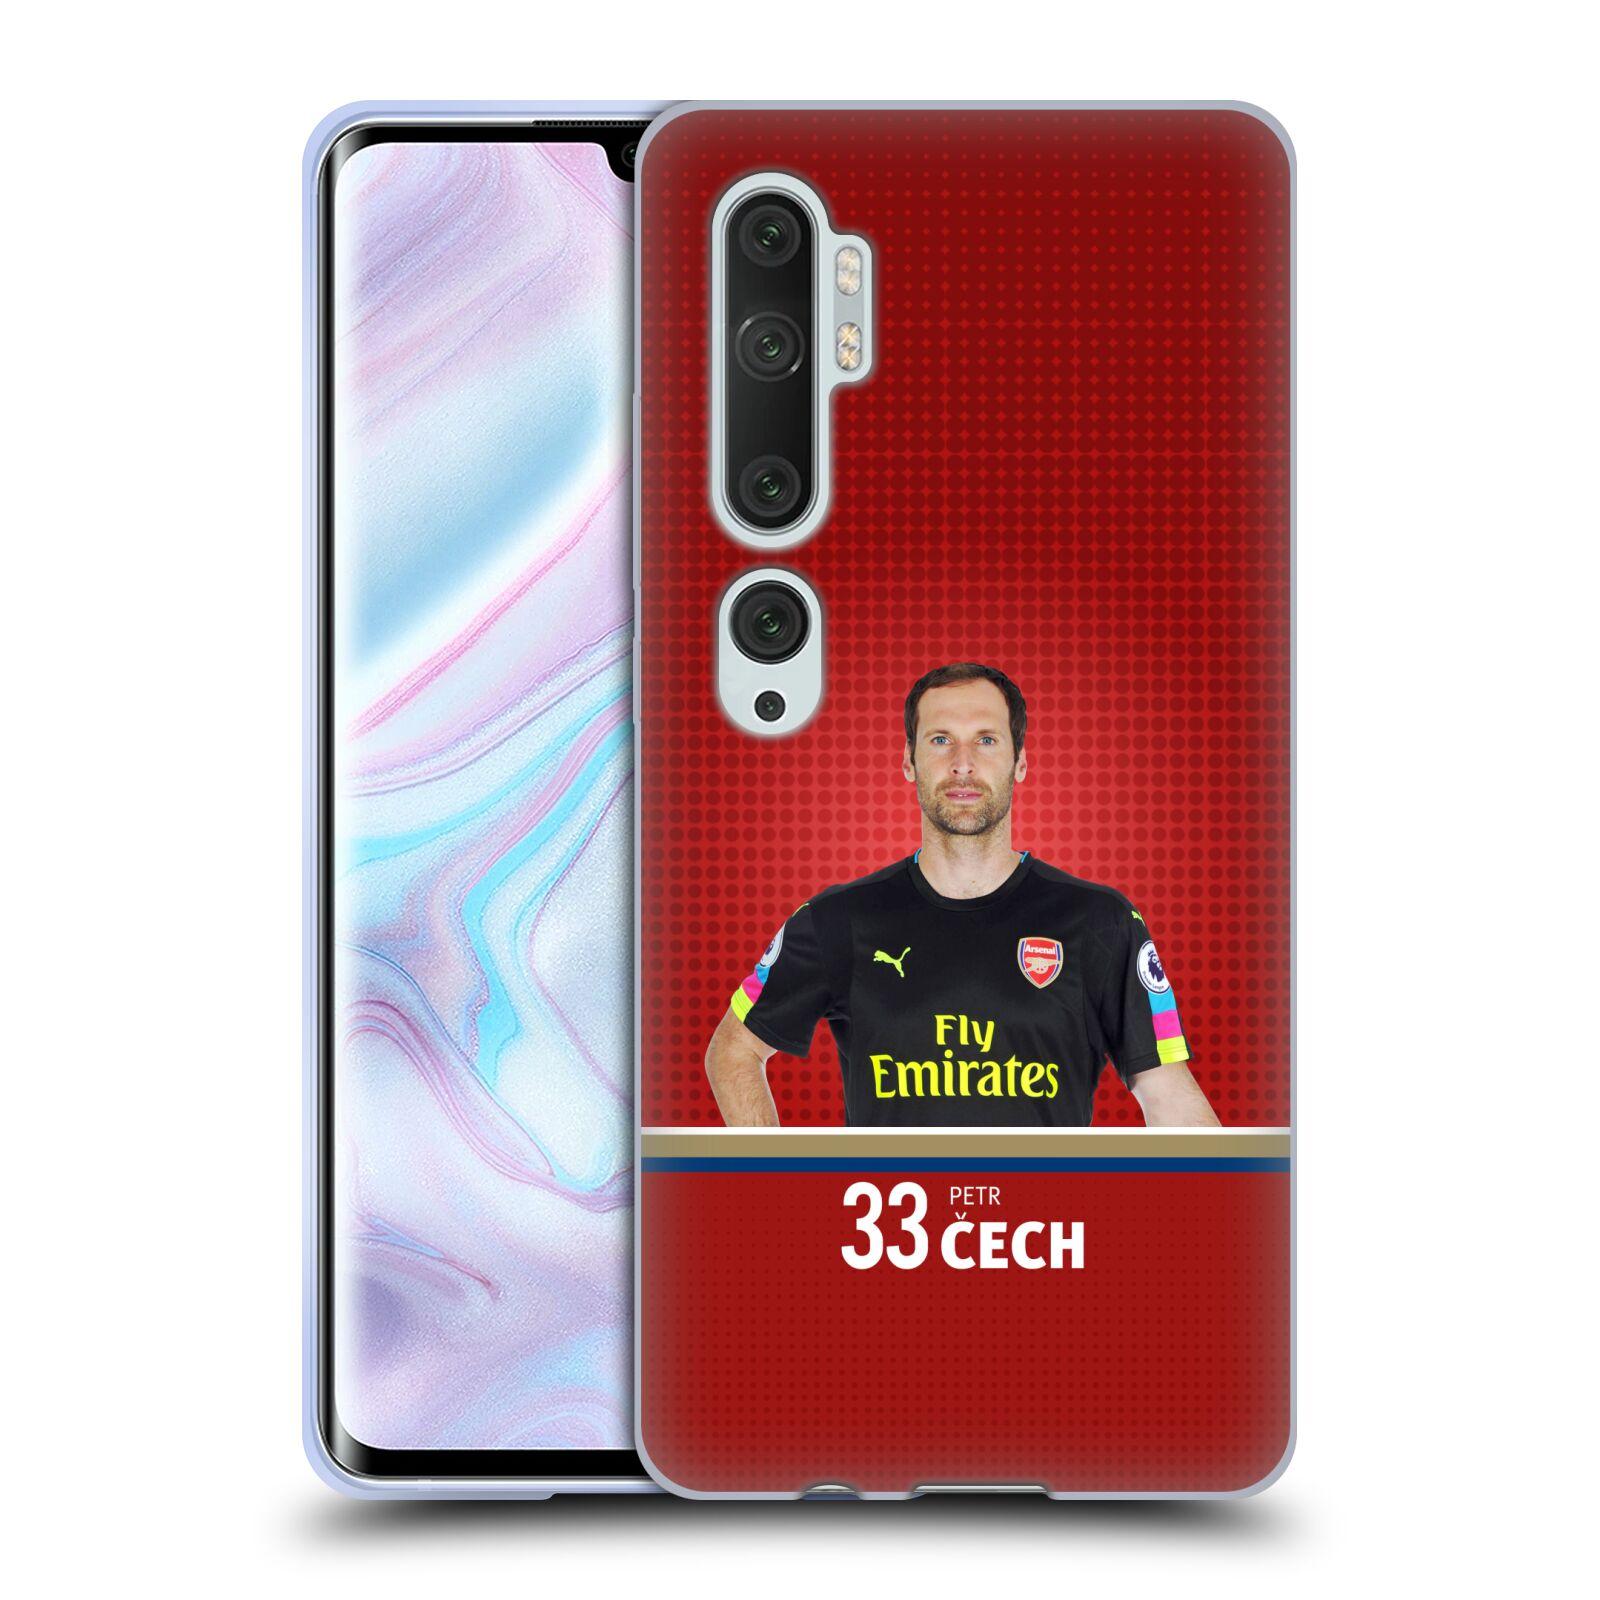 Silikonové pouzdro na mobil Xiaomi Mi Note 10 / 10 Pro - Head Case - Arsenal FC - Petr Čech